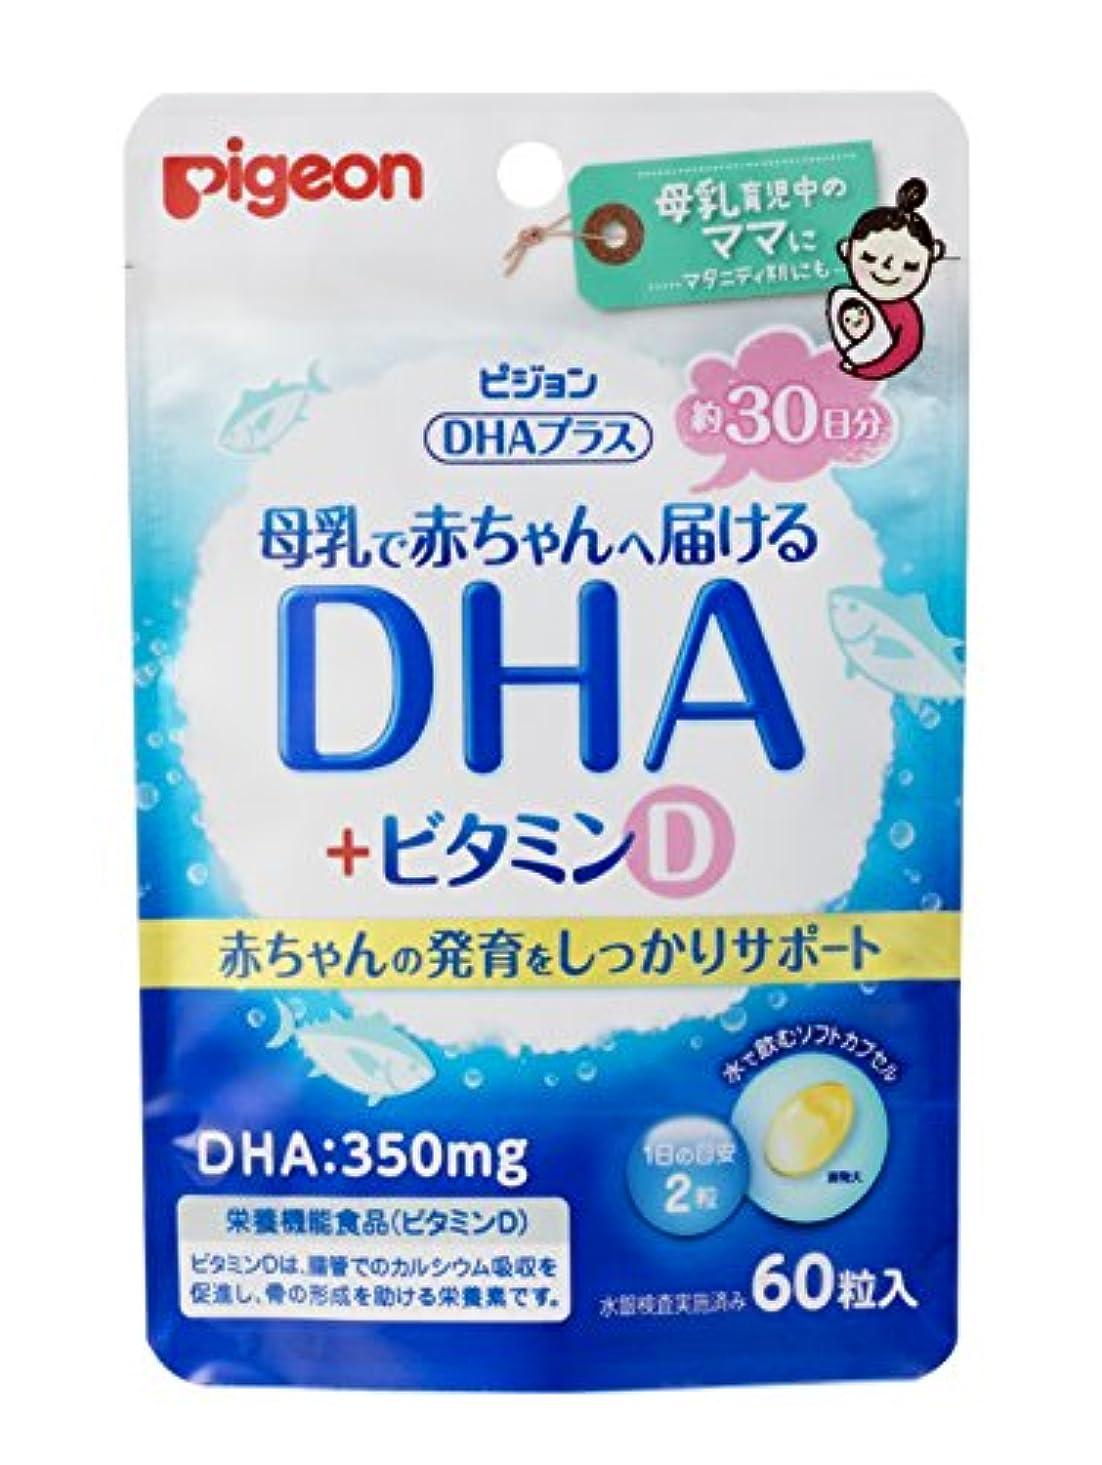 かまどパブウミウシピジョン(Pigeon) DHAプラス (DHA + ビタミンD) 【母乳で赤ちゃんへ届ける(マタニティサプリメント ソフトカプセル)】 60粒入